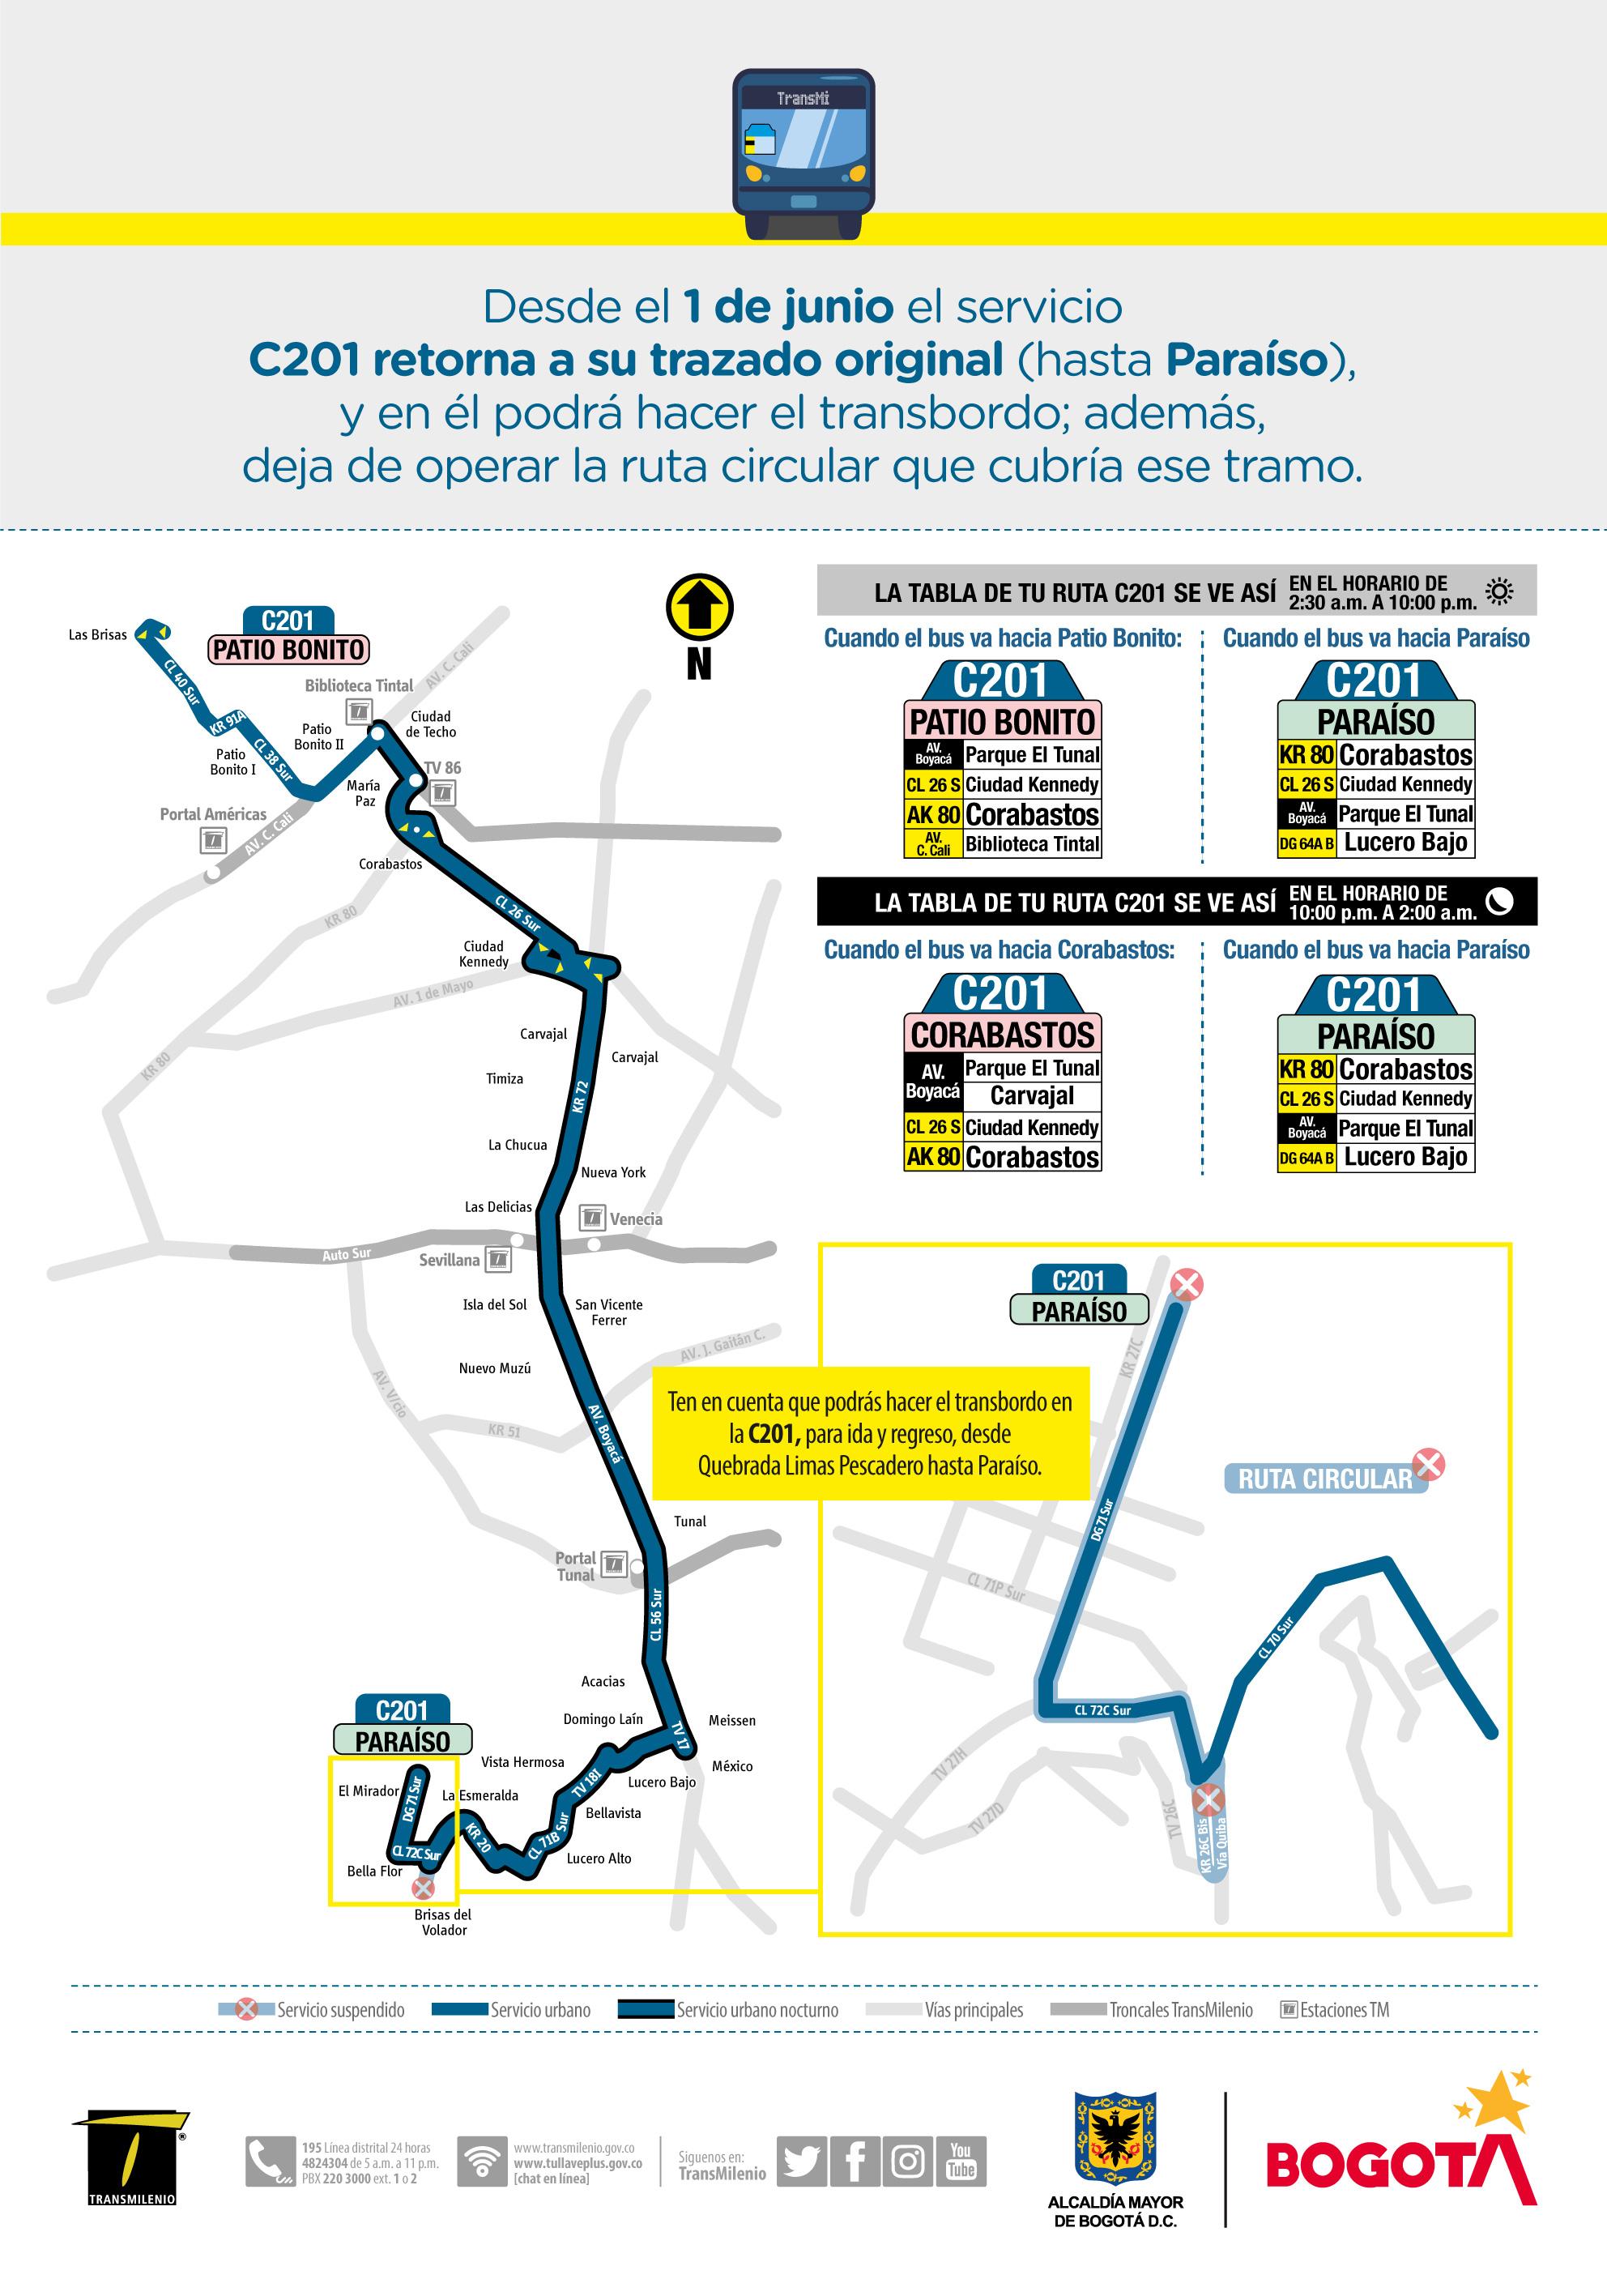 Mapa de la ruta 201, con las novedades operacionales